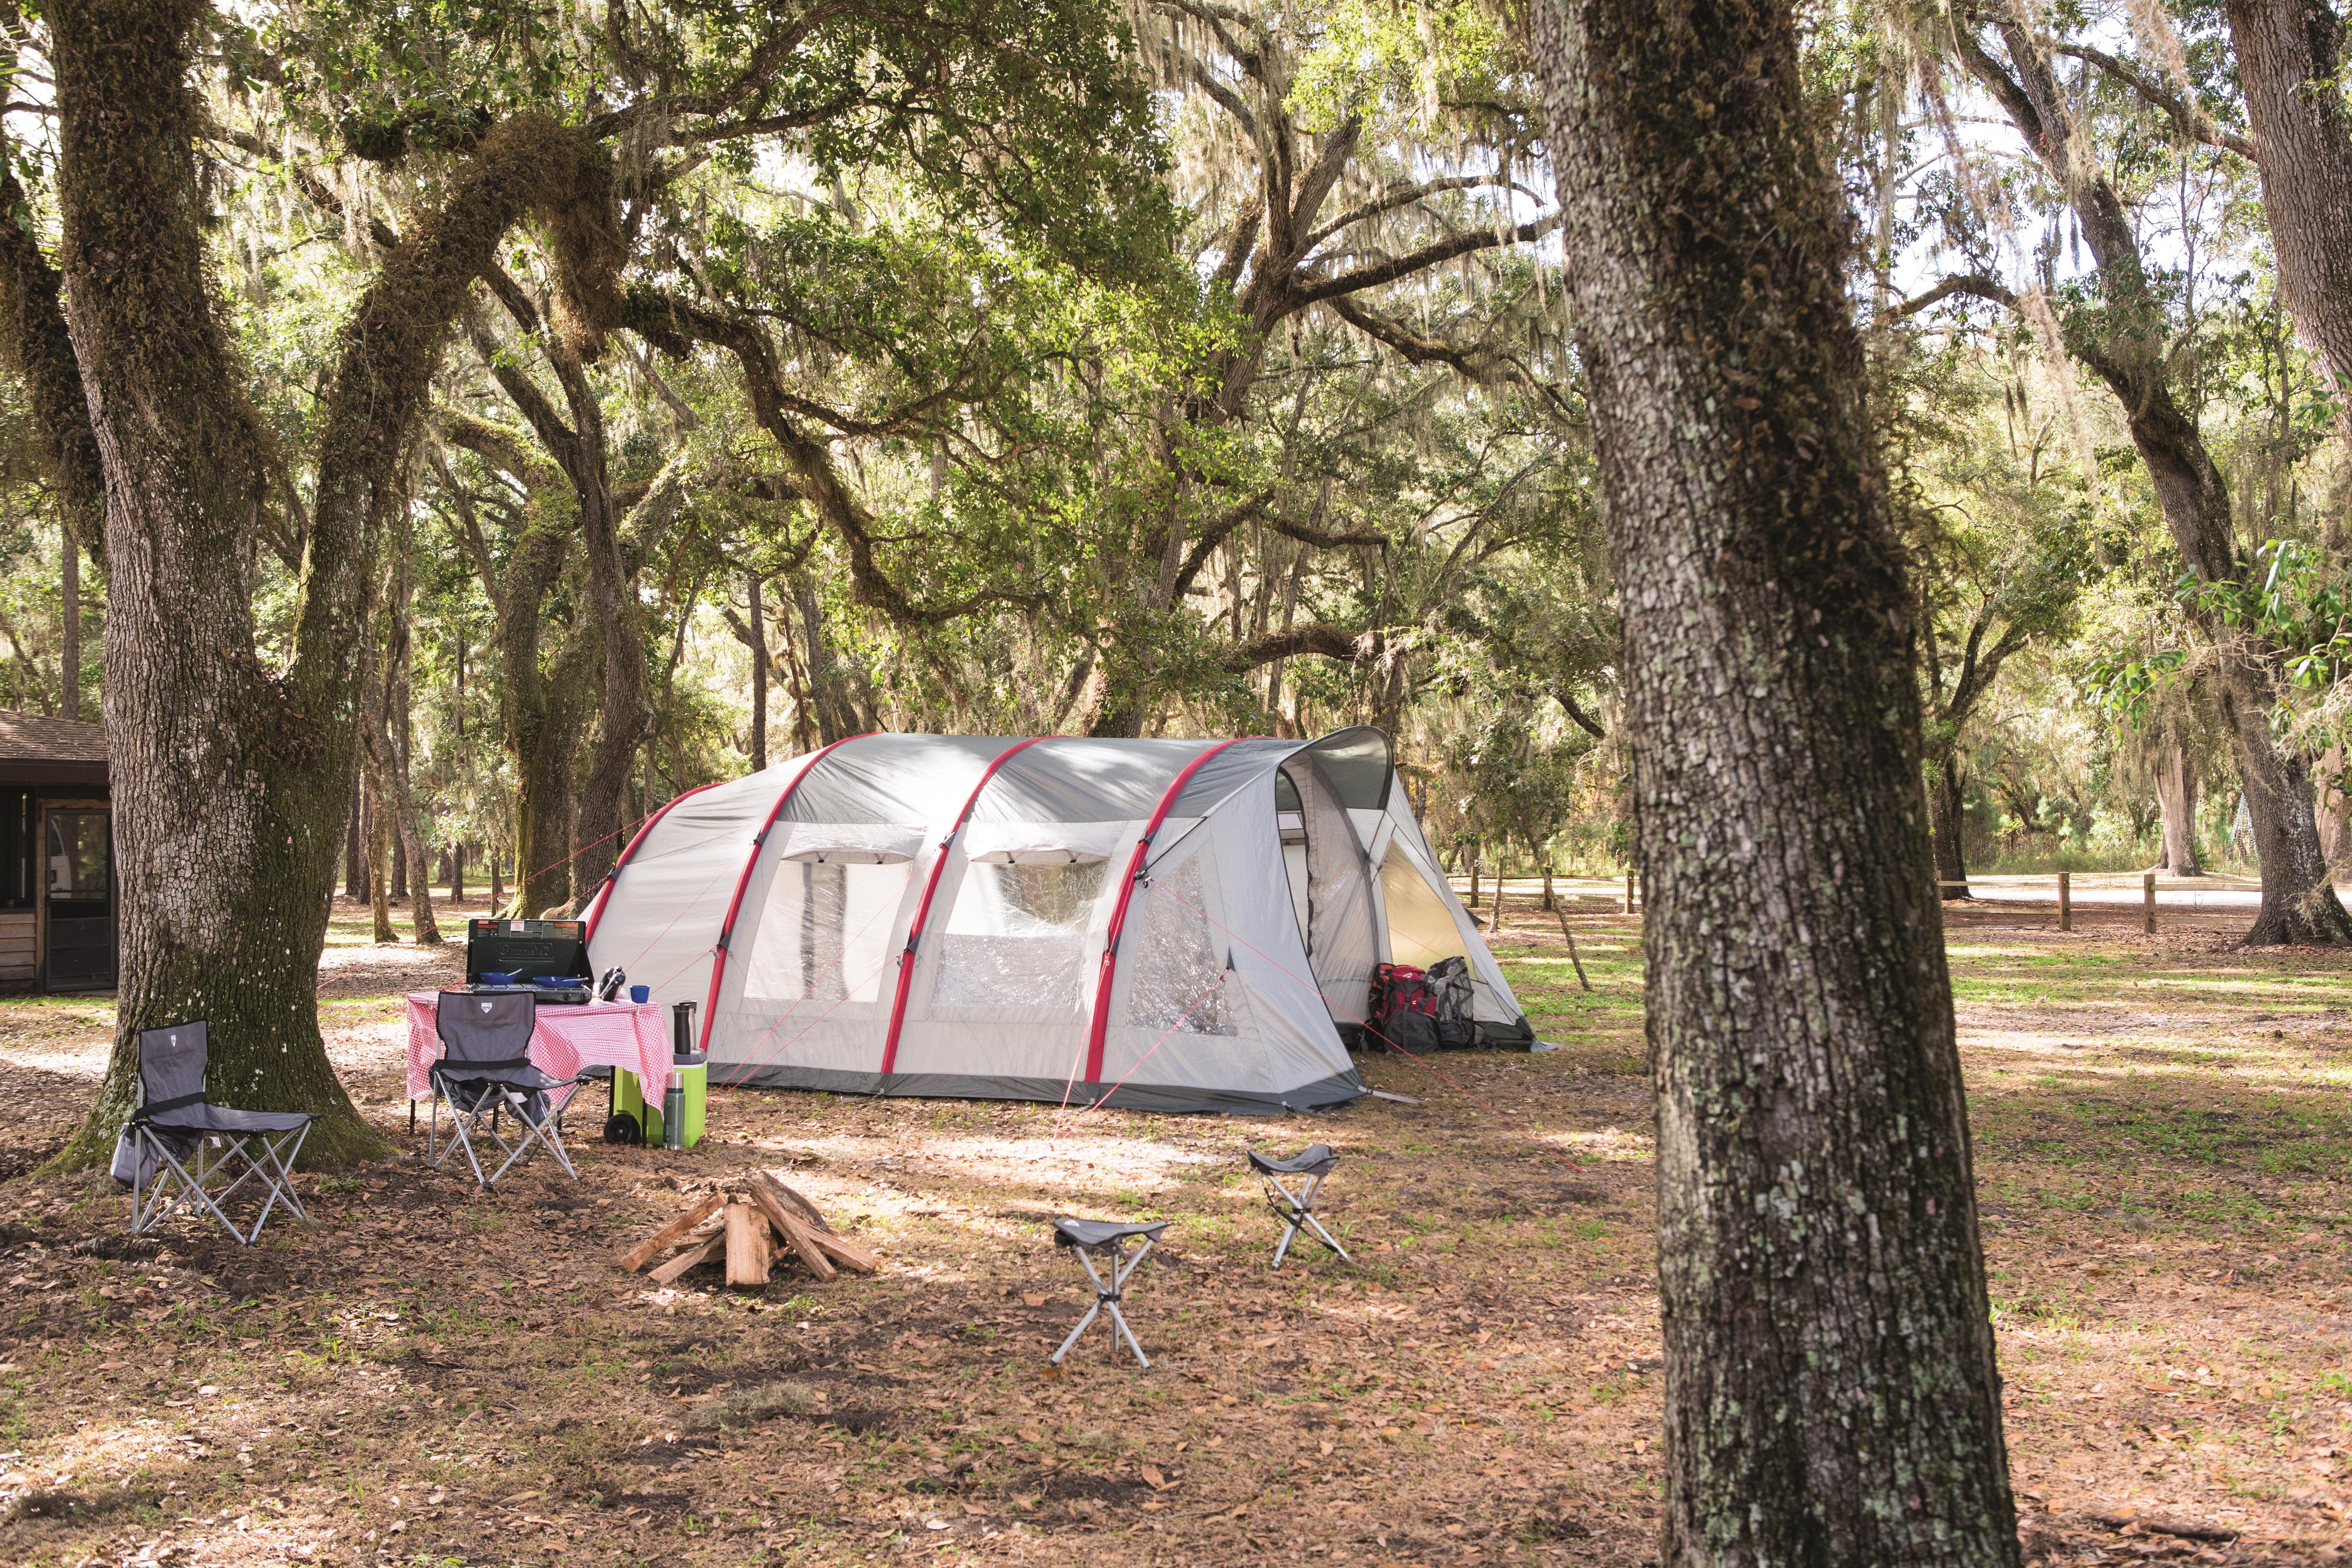 8220a15de2a7 Specs Bestway Sierra Ridge AIR Pro X6 Tent Camping Tents (68079)